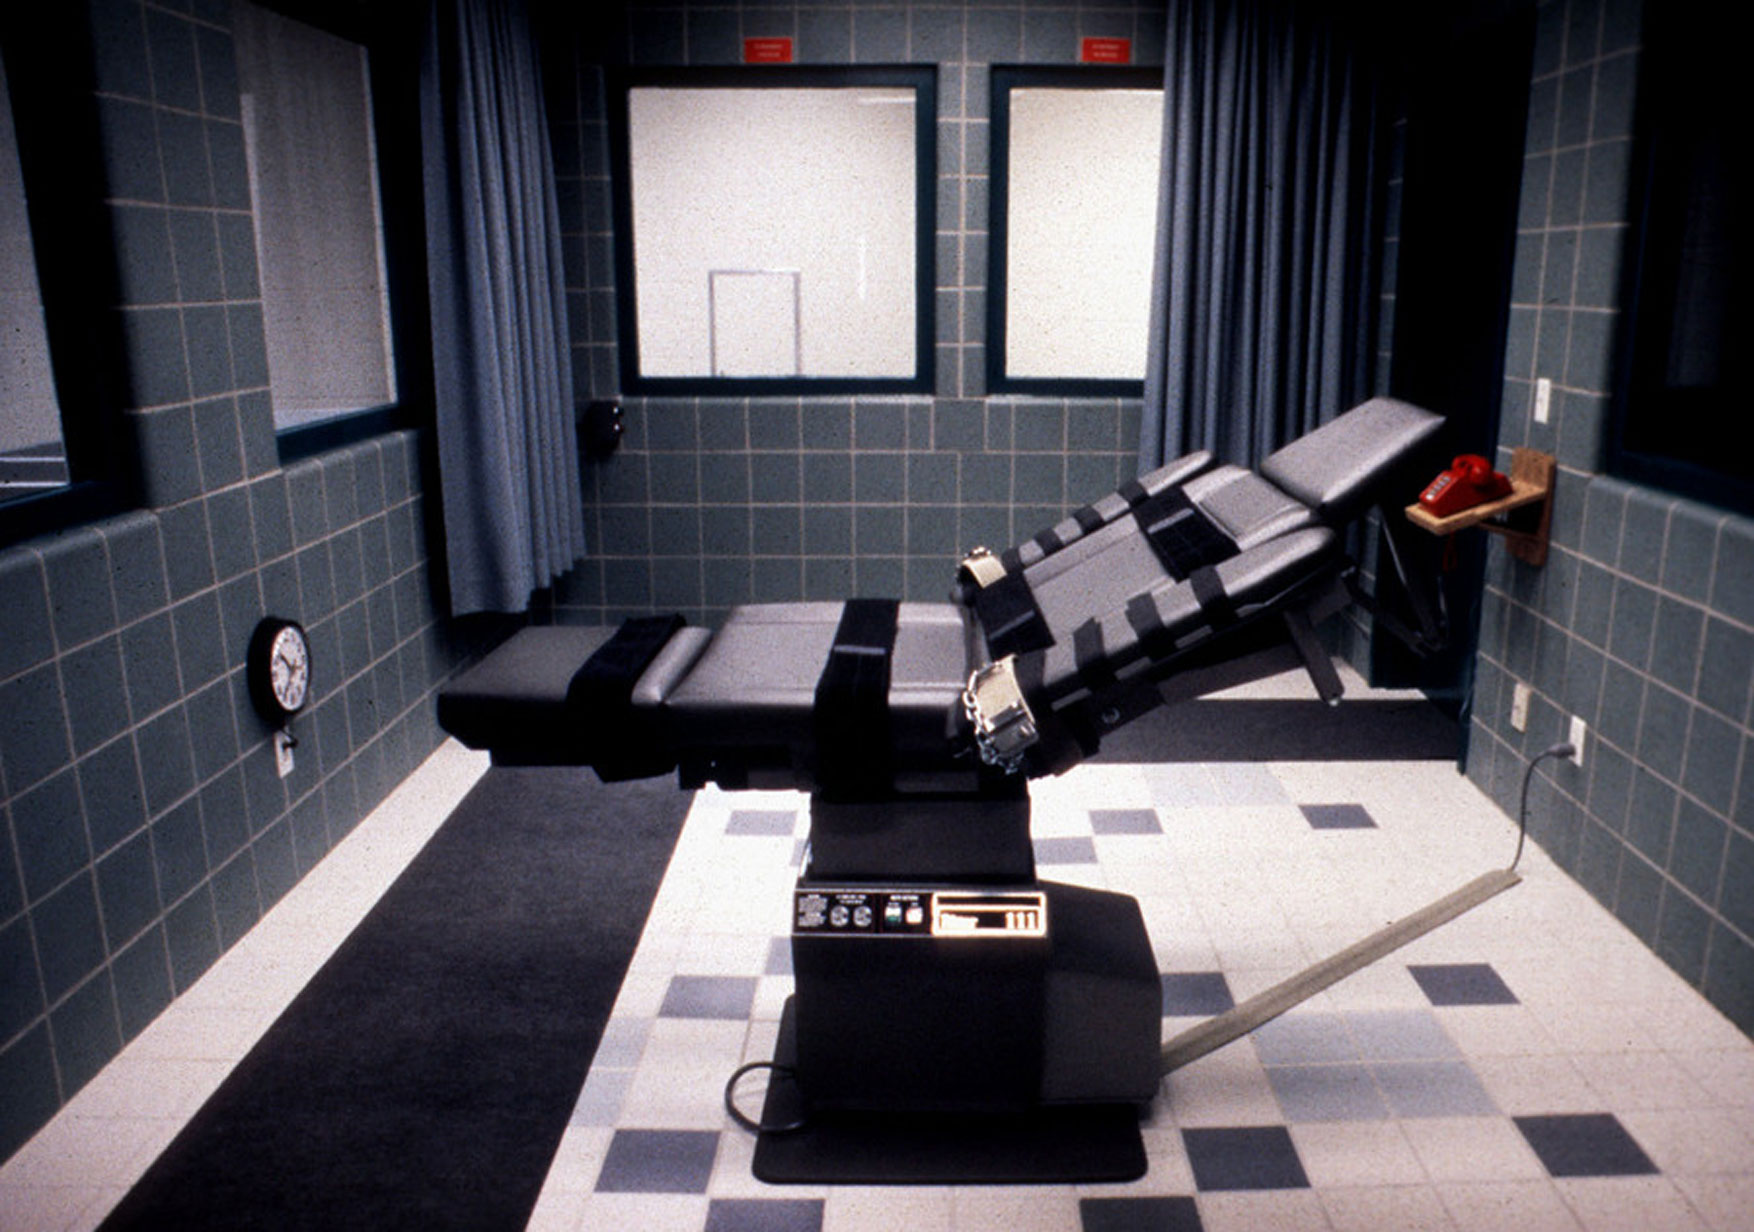 Επέλεξε την ηλεκτροπληξία από την ένεση! Εκτελέστηκε τυφλός θανατοποινίτης 30 χρόνια μετά τη δολοφονία της συντρόφου του